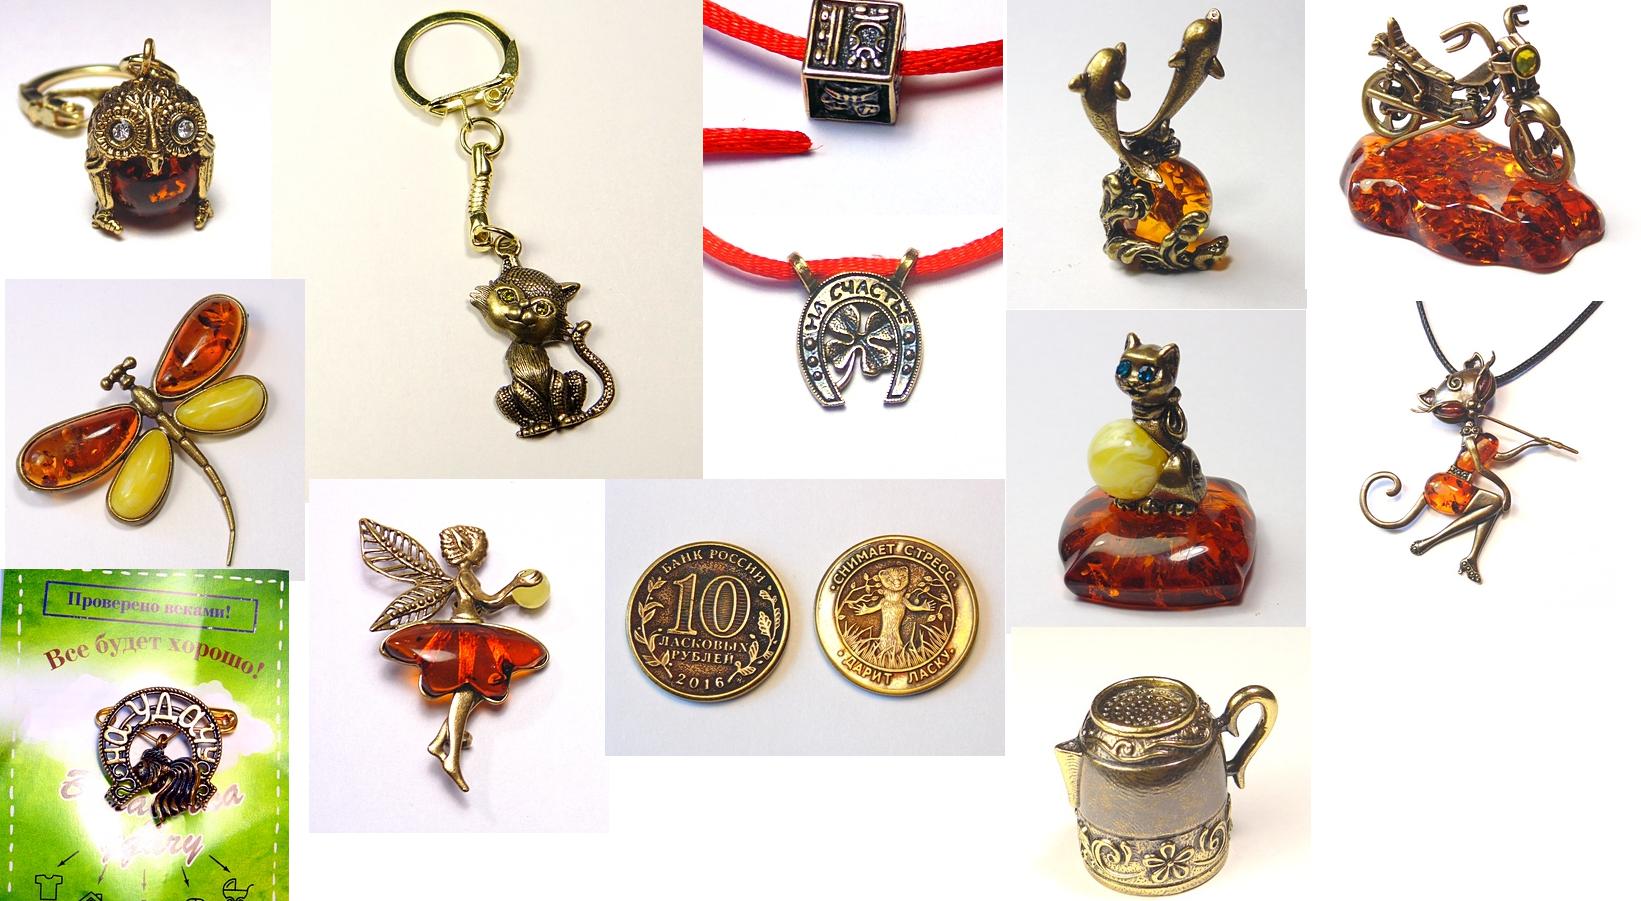 Невероятной красоты сувениры из латуни и бронзы с ювелирными вставками.Сувениры,подвески,брелки,броши,оберег красная нить с талисманом,монеты,кошельковые обереги.Здесь найдете все,что можно купить для души и в подарок.И цены вас не огорчат